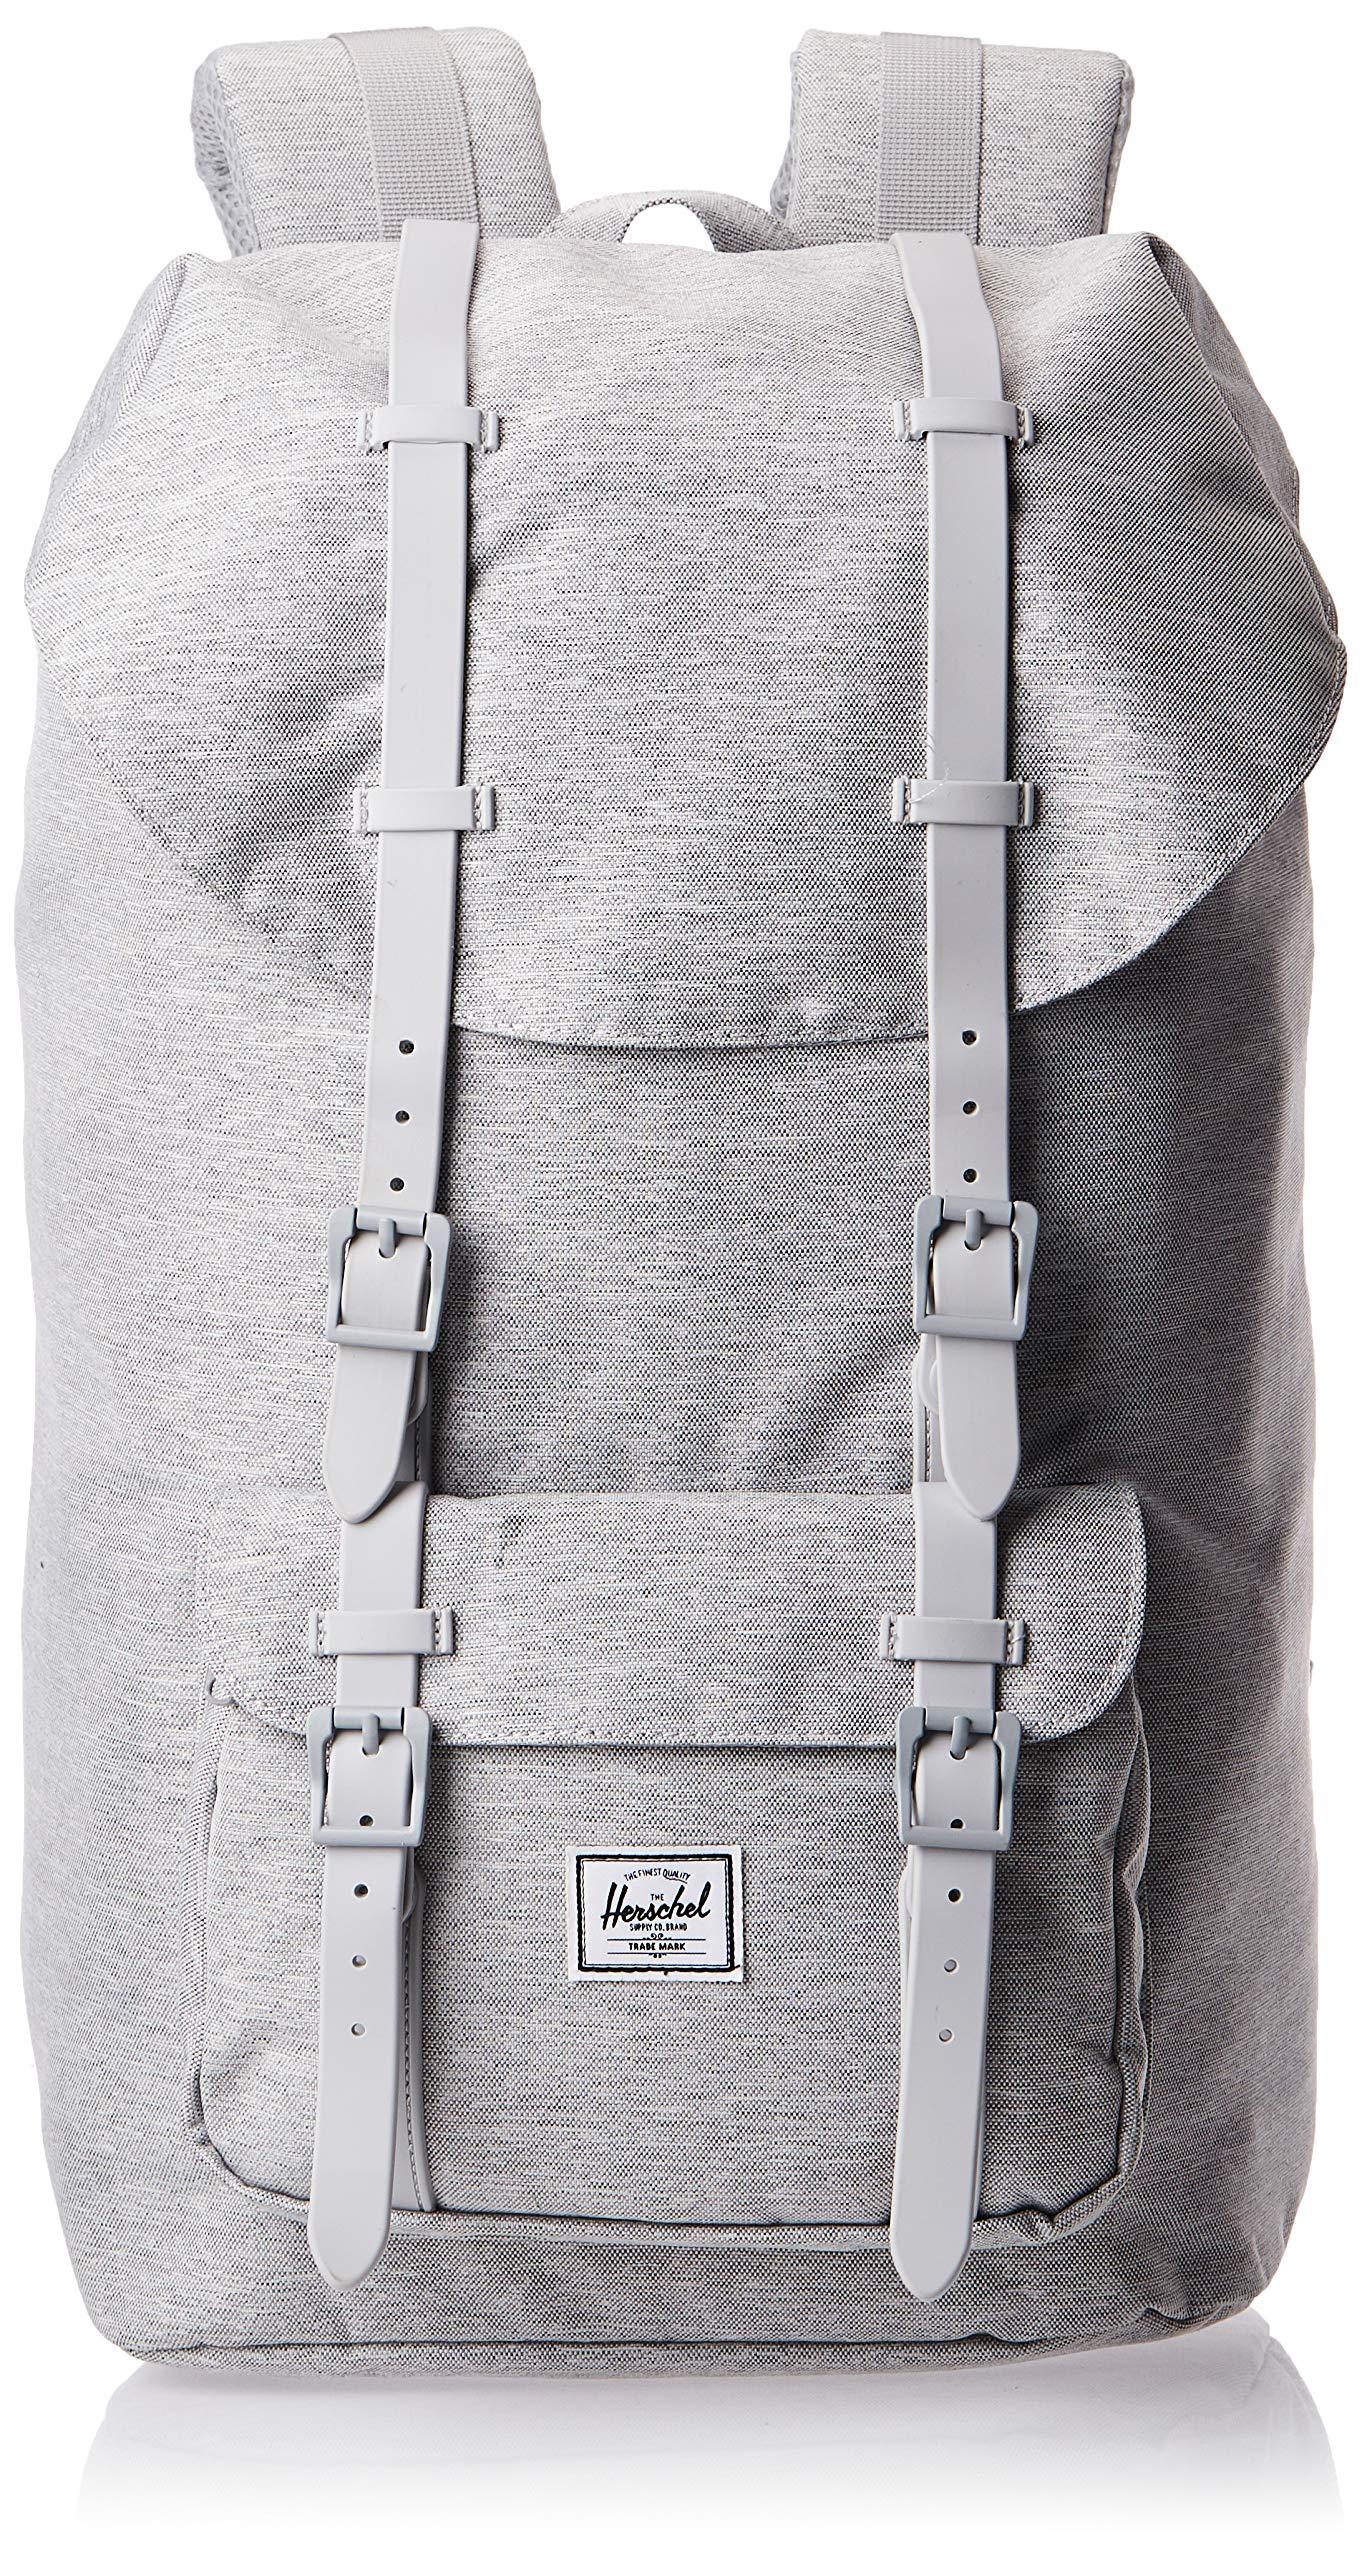 Herschel Classic Backpack, Light Grey